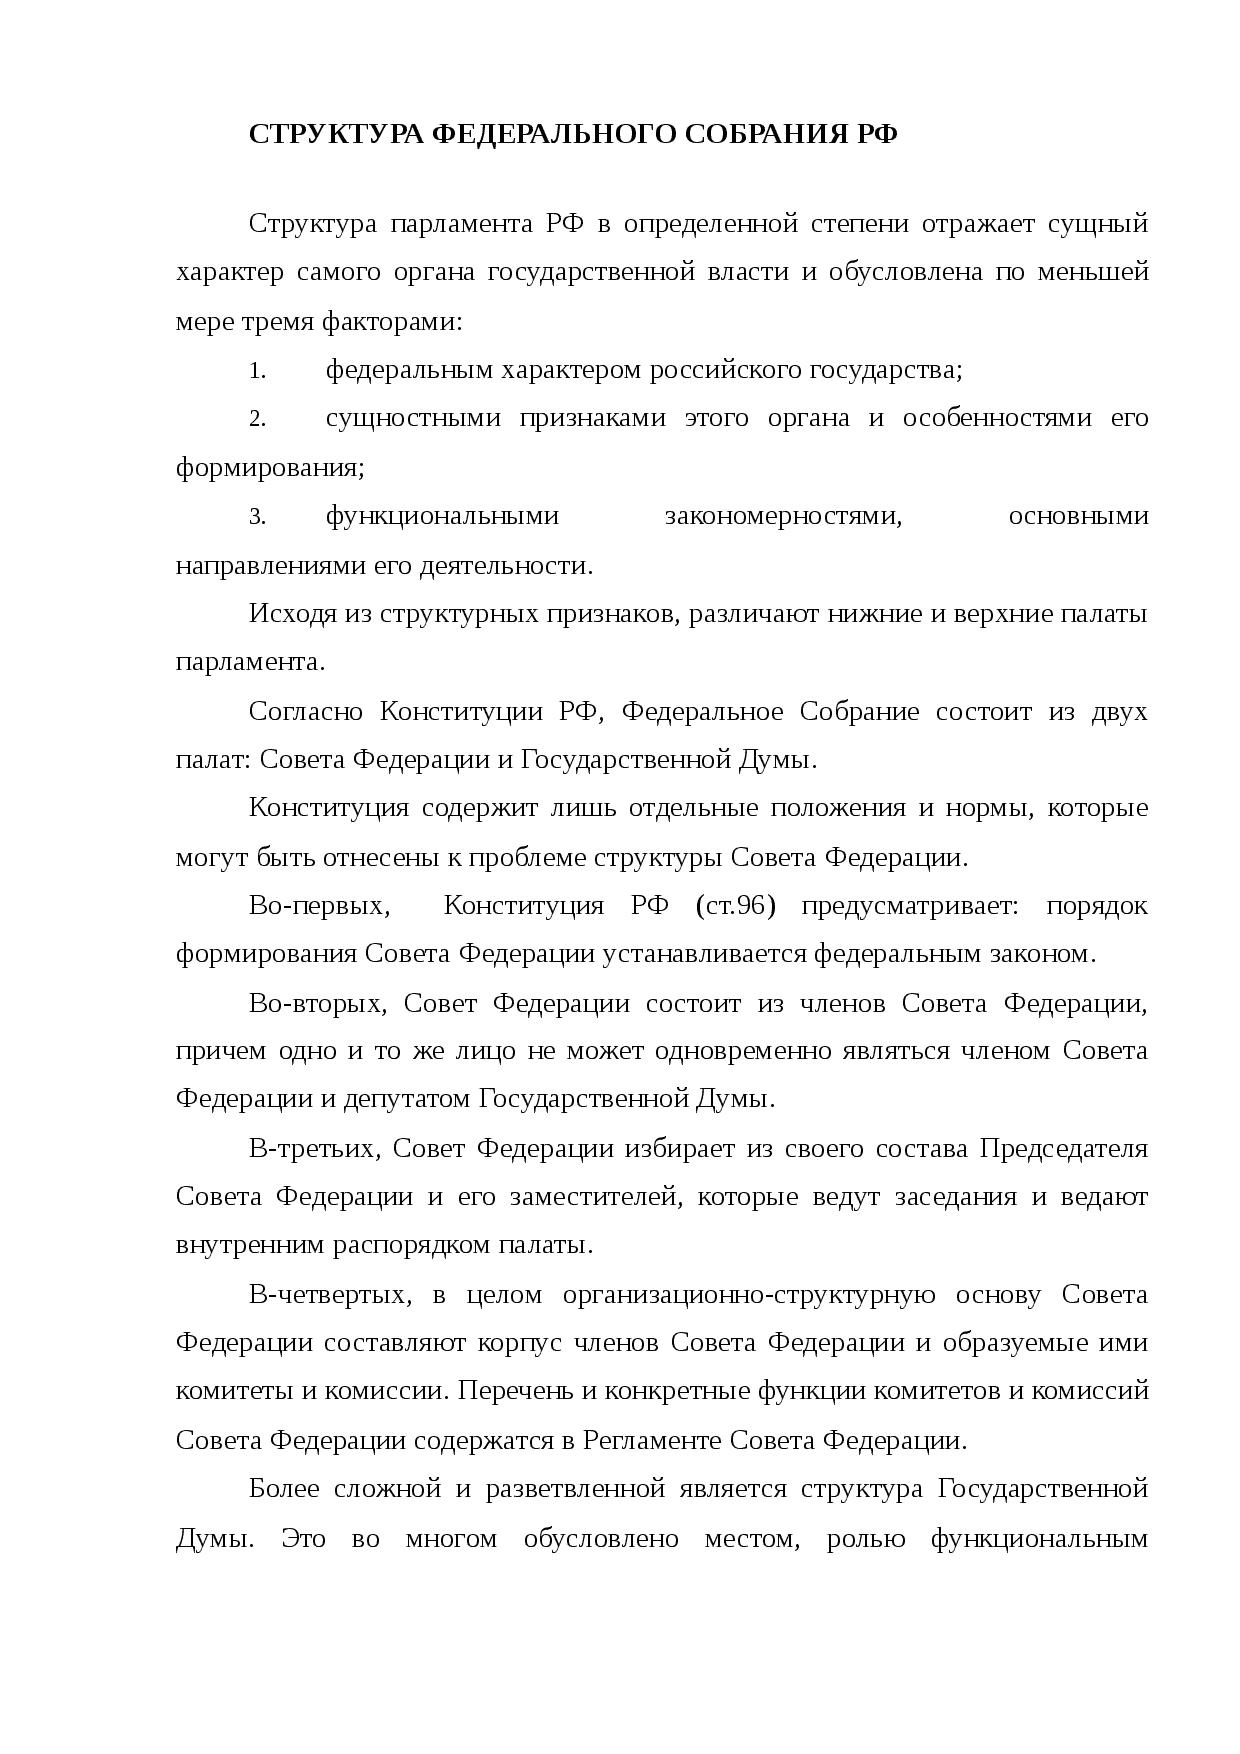 Совет федерации рф: члены совфеда и полномочия сенаторов